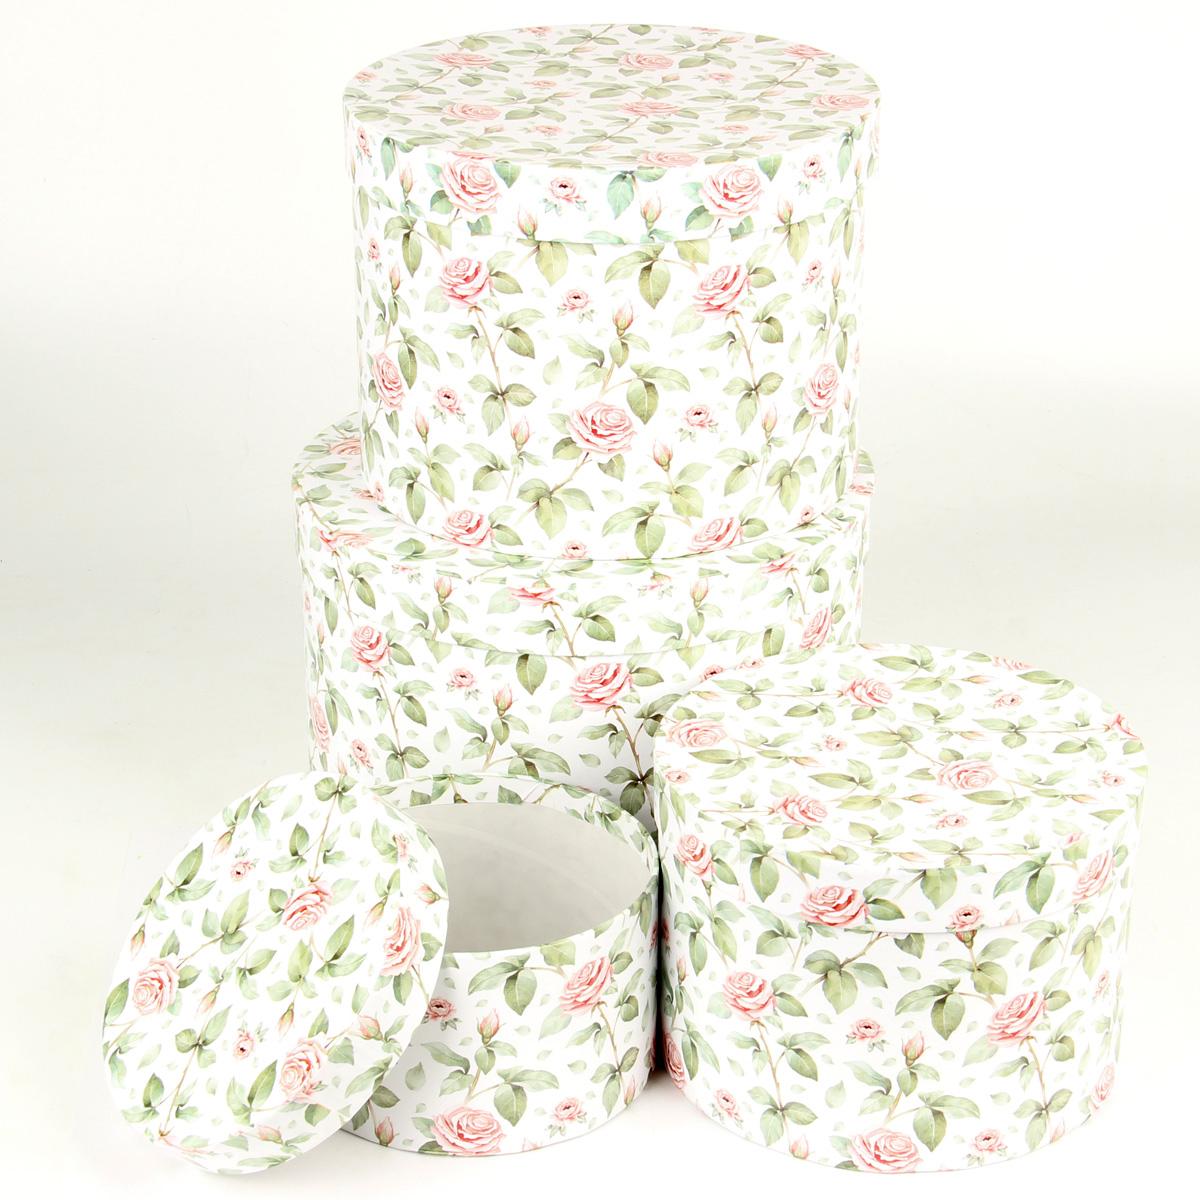 Набор подарочных коробок Veld-Co Чайные розы, круглые, цвет: белый, 4 шт. 6766867668Подарочные коробки Veld-Co - это наилучшее решение, если выхотите порадовать ваших близких и создать праздничное настроение, ведь подарок, преподнесенный в оригинальной упаковке, всегда будет самым эффектным и запоминающимся. Окружите близких людей вниманием и заботой, вручив презент в нарядном, праздничном оформлении.